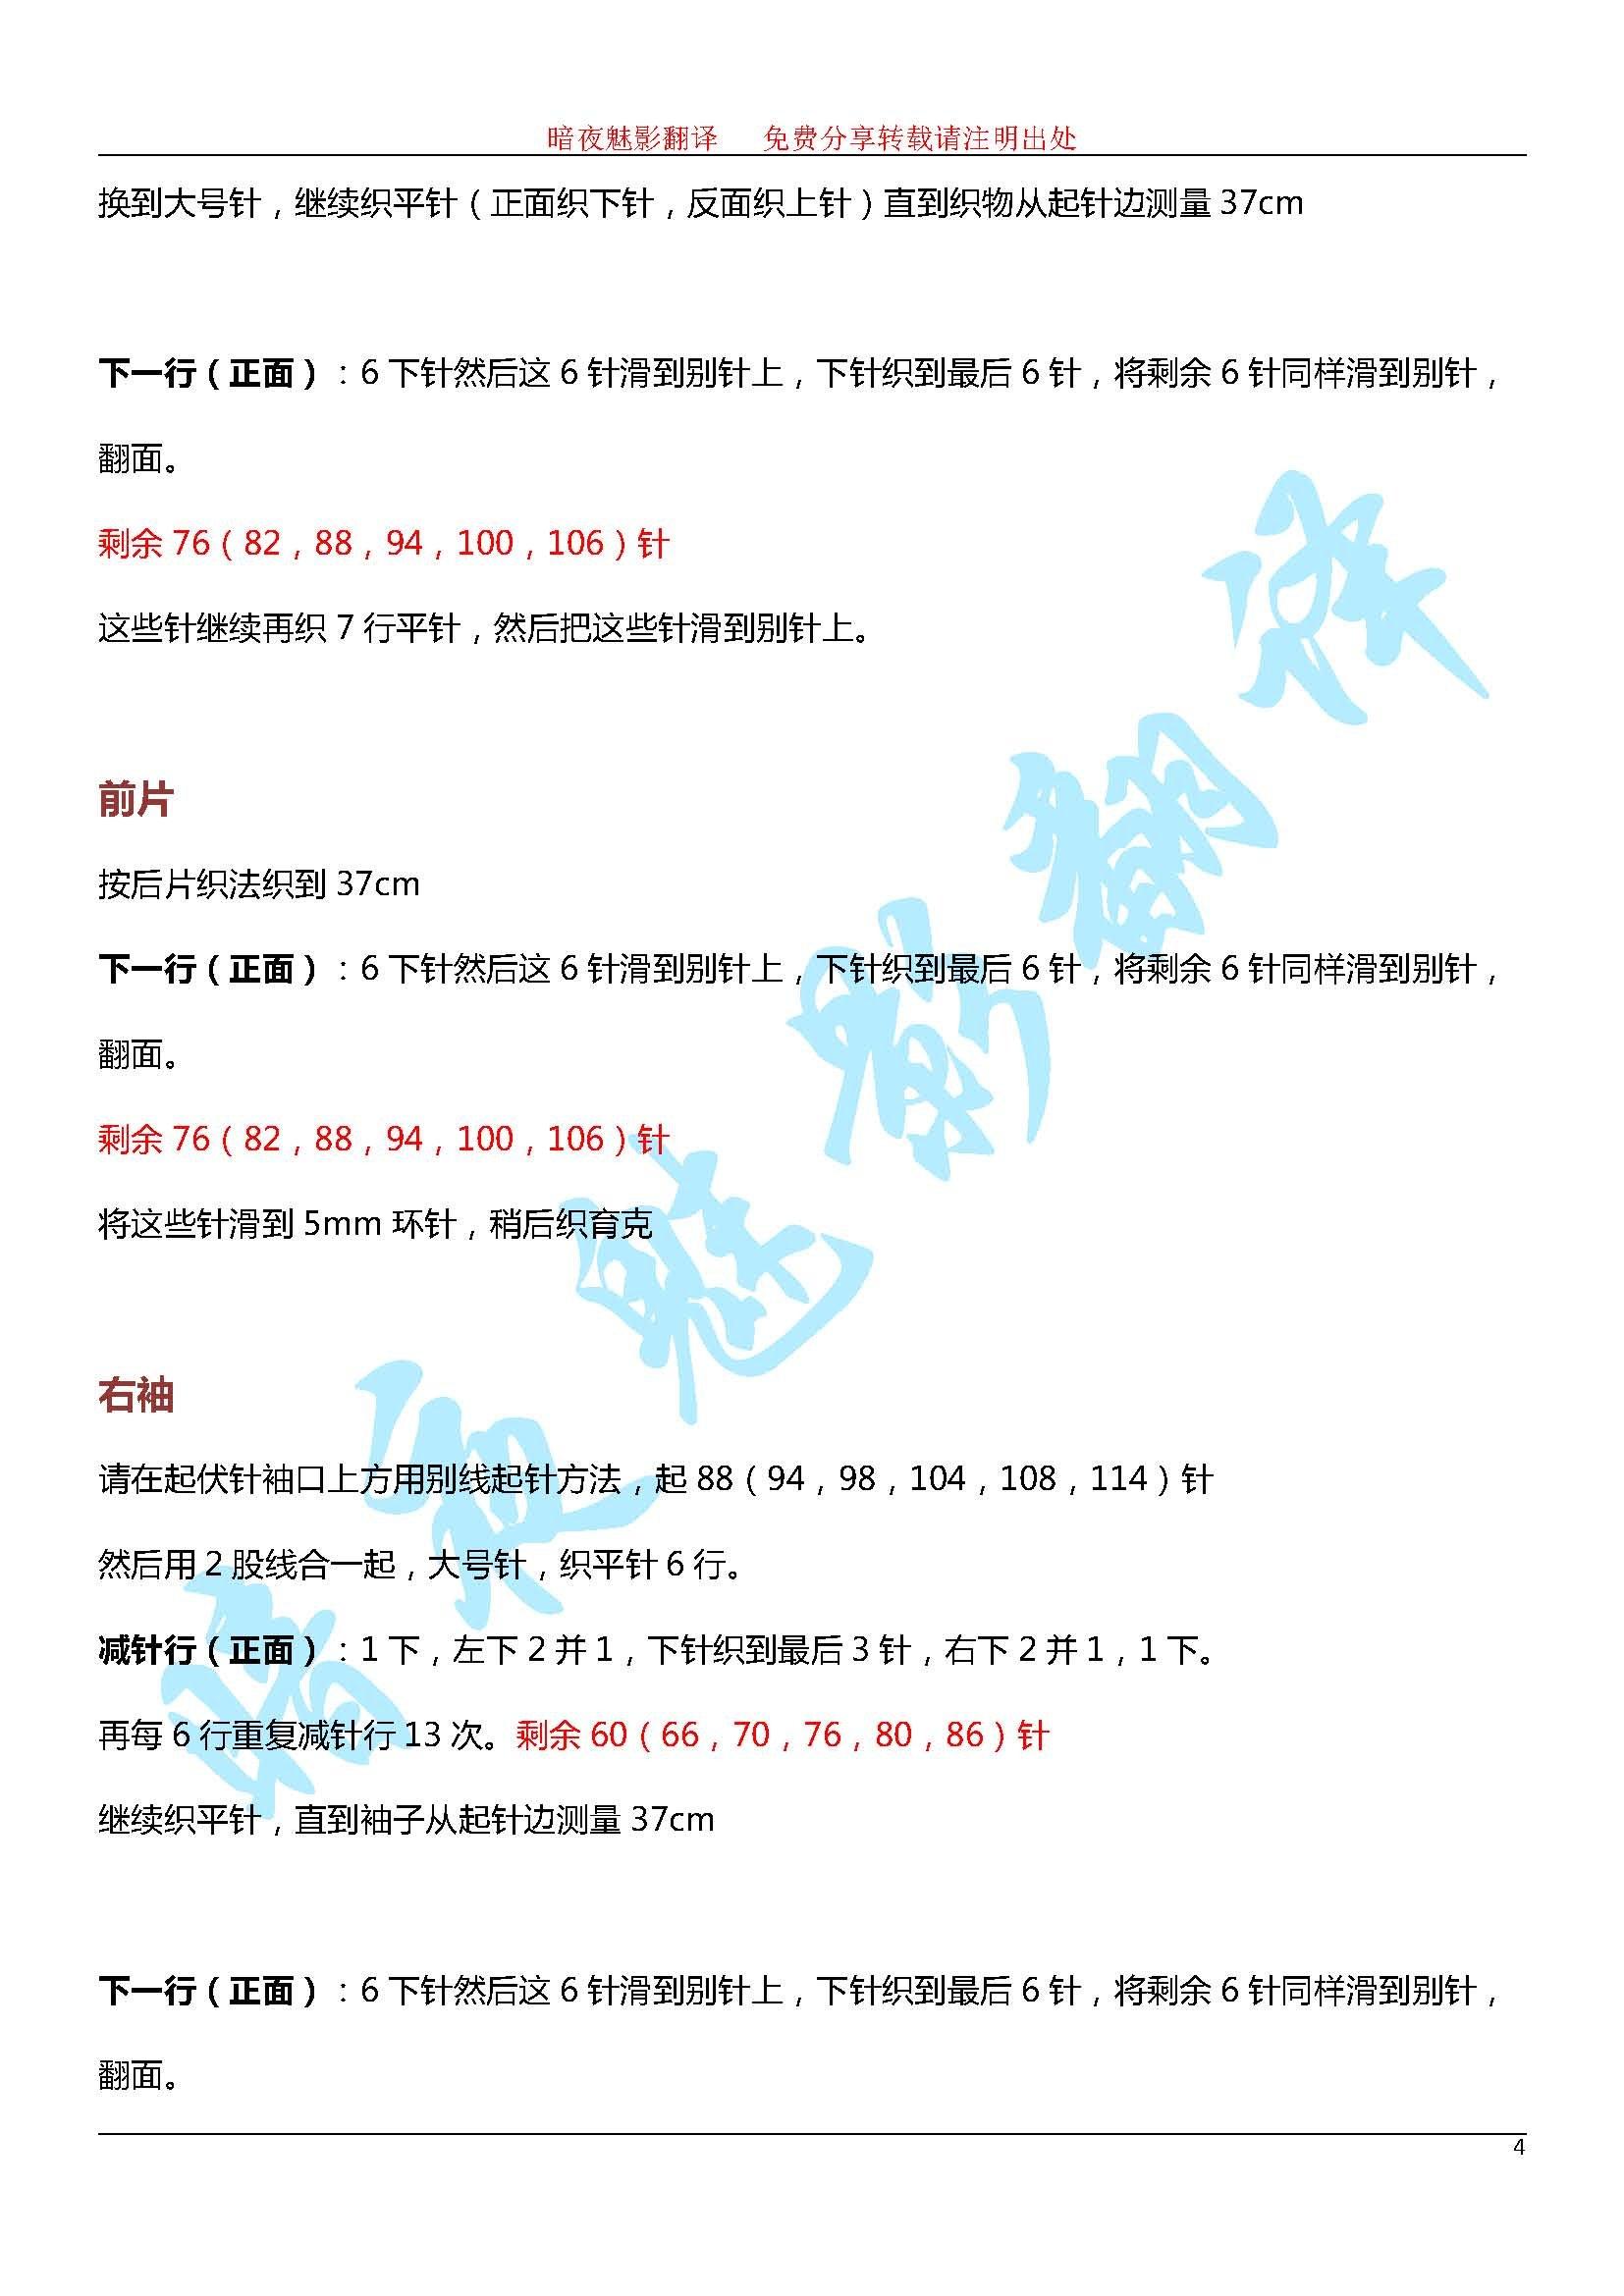 秋叶图解_页面_4.jpg